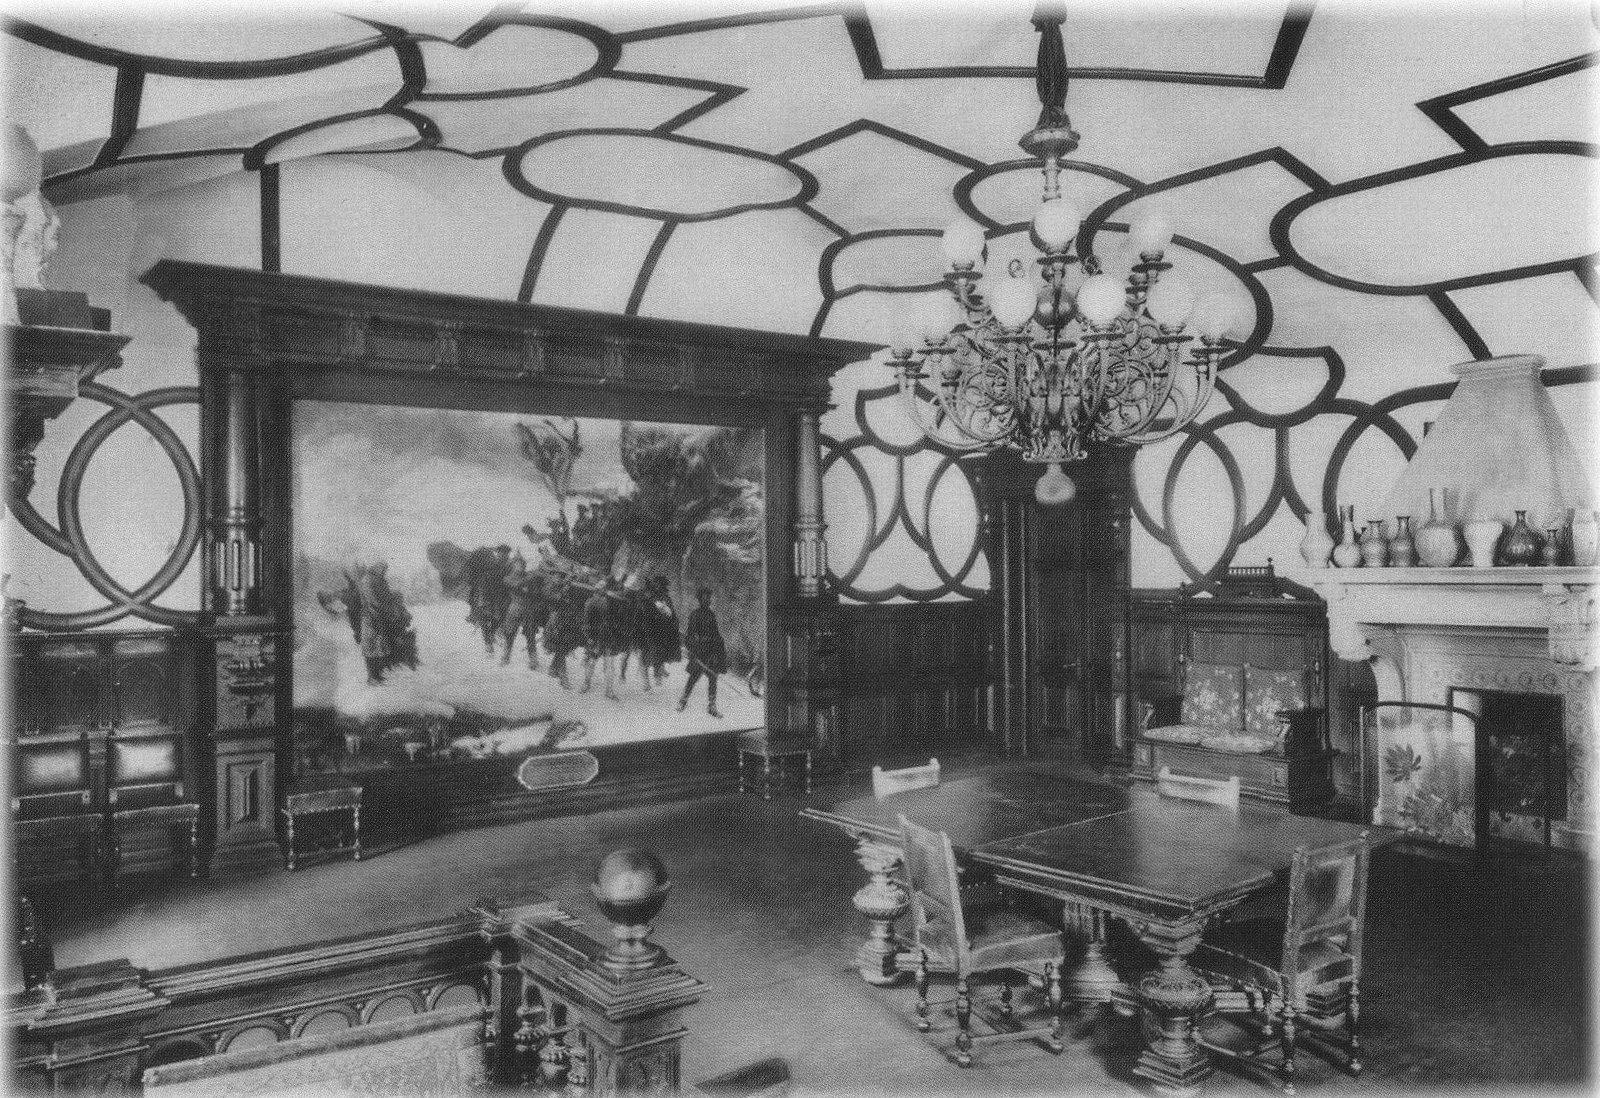 1904. Мраморный дворец. Личные покои великого князя К. К. Романова. Угловая гостиная